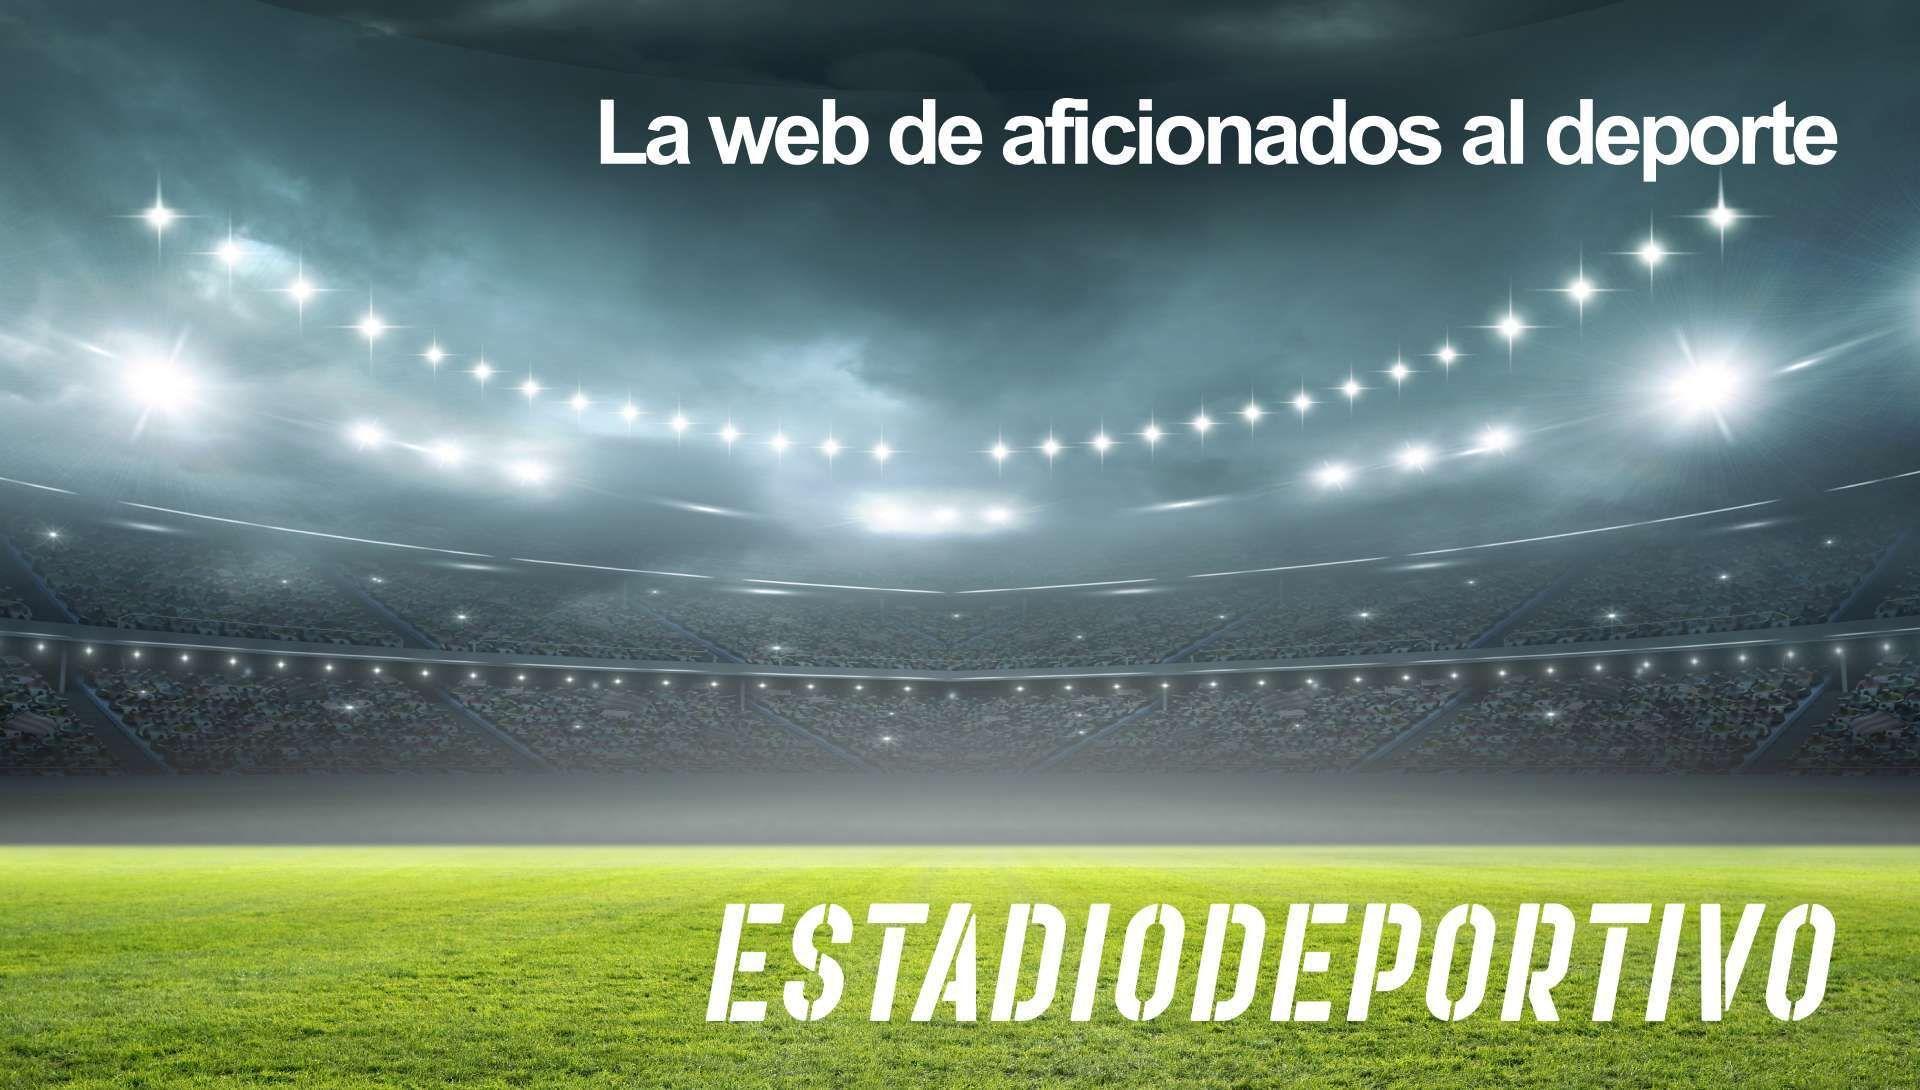 Las portadas del martes 26 de enero